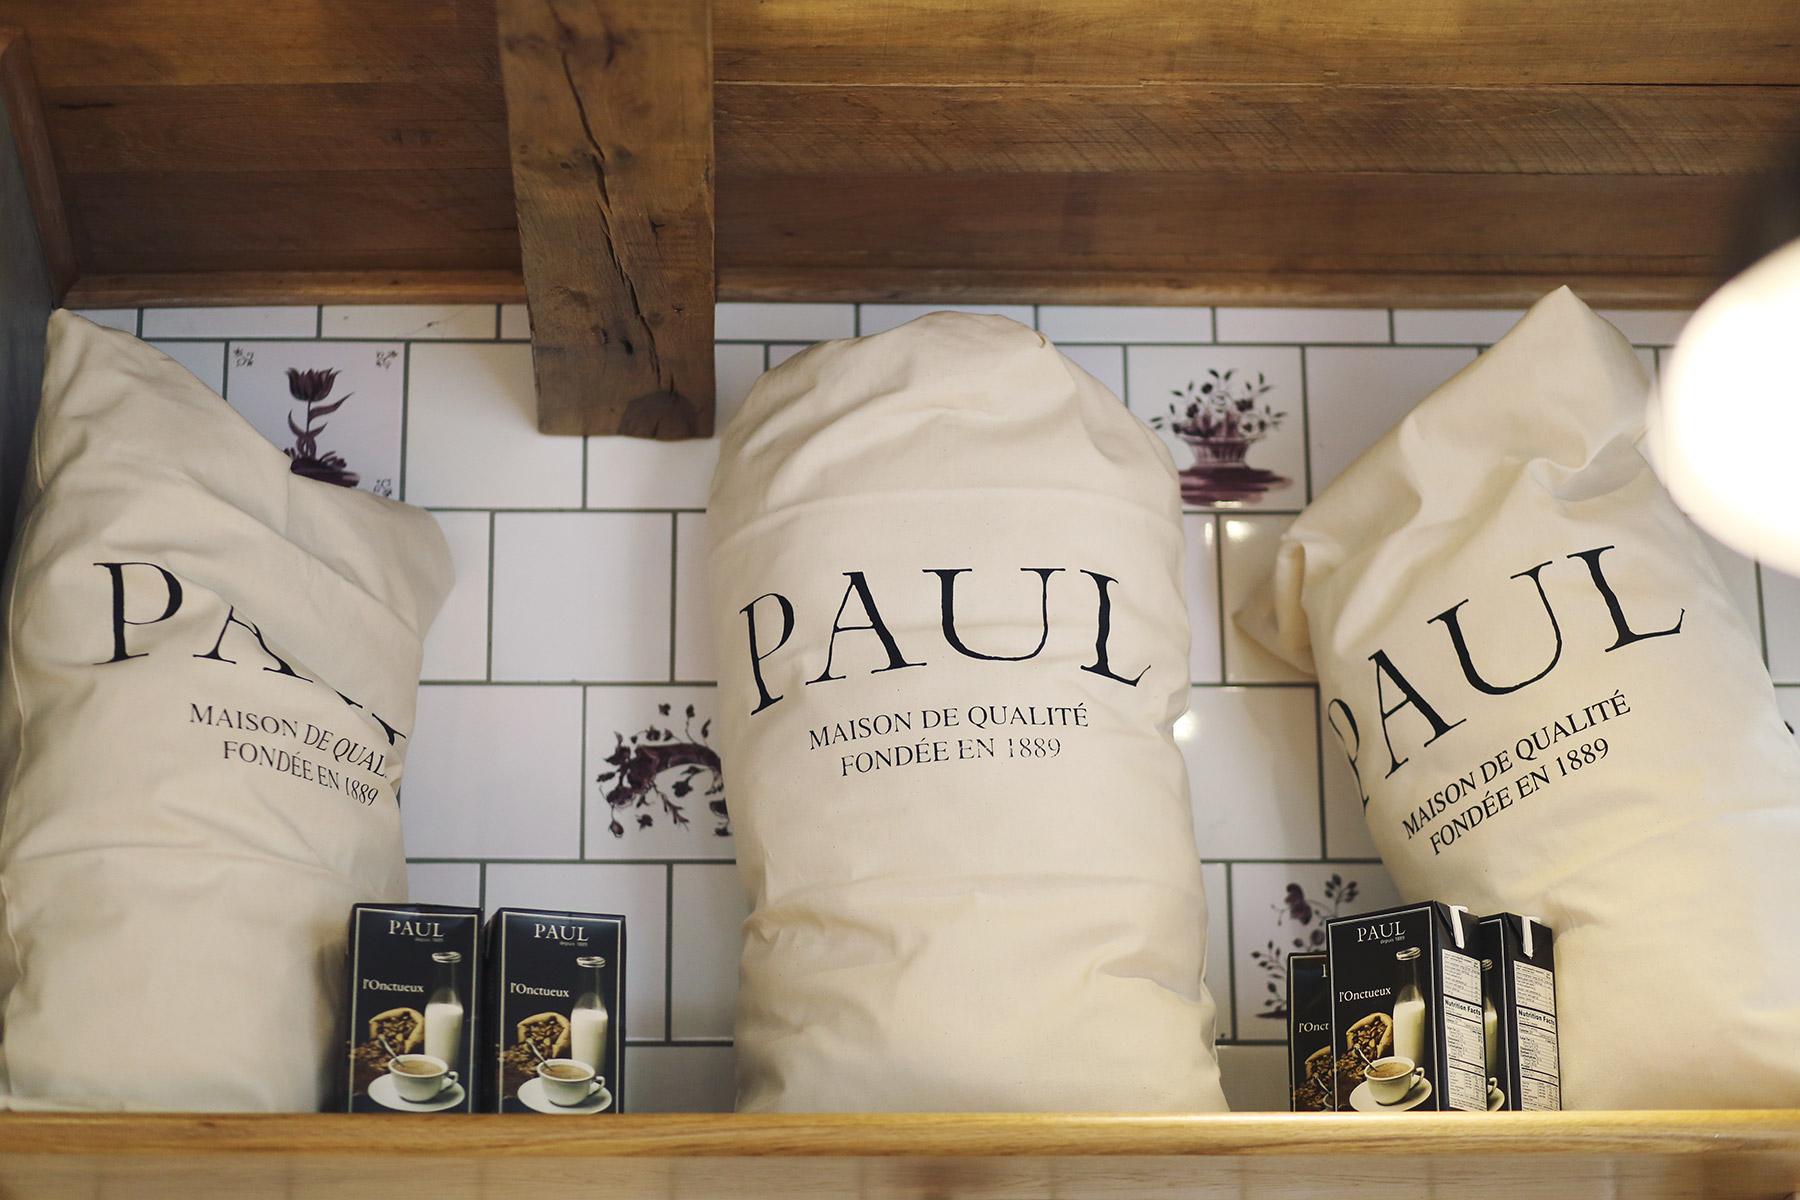 Paul-Bakery-9